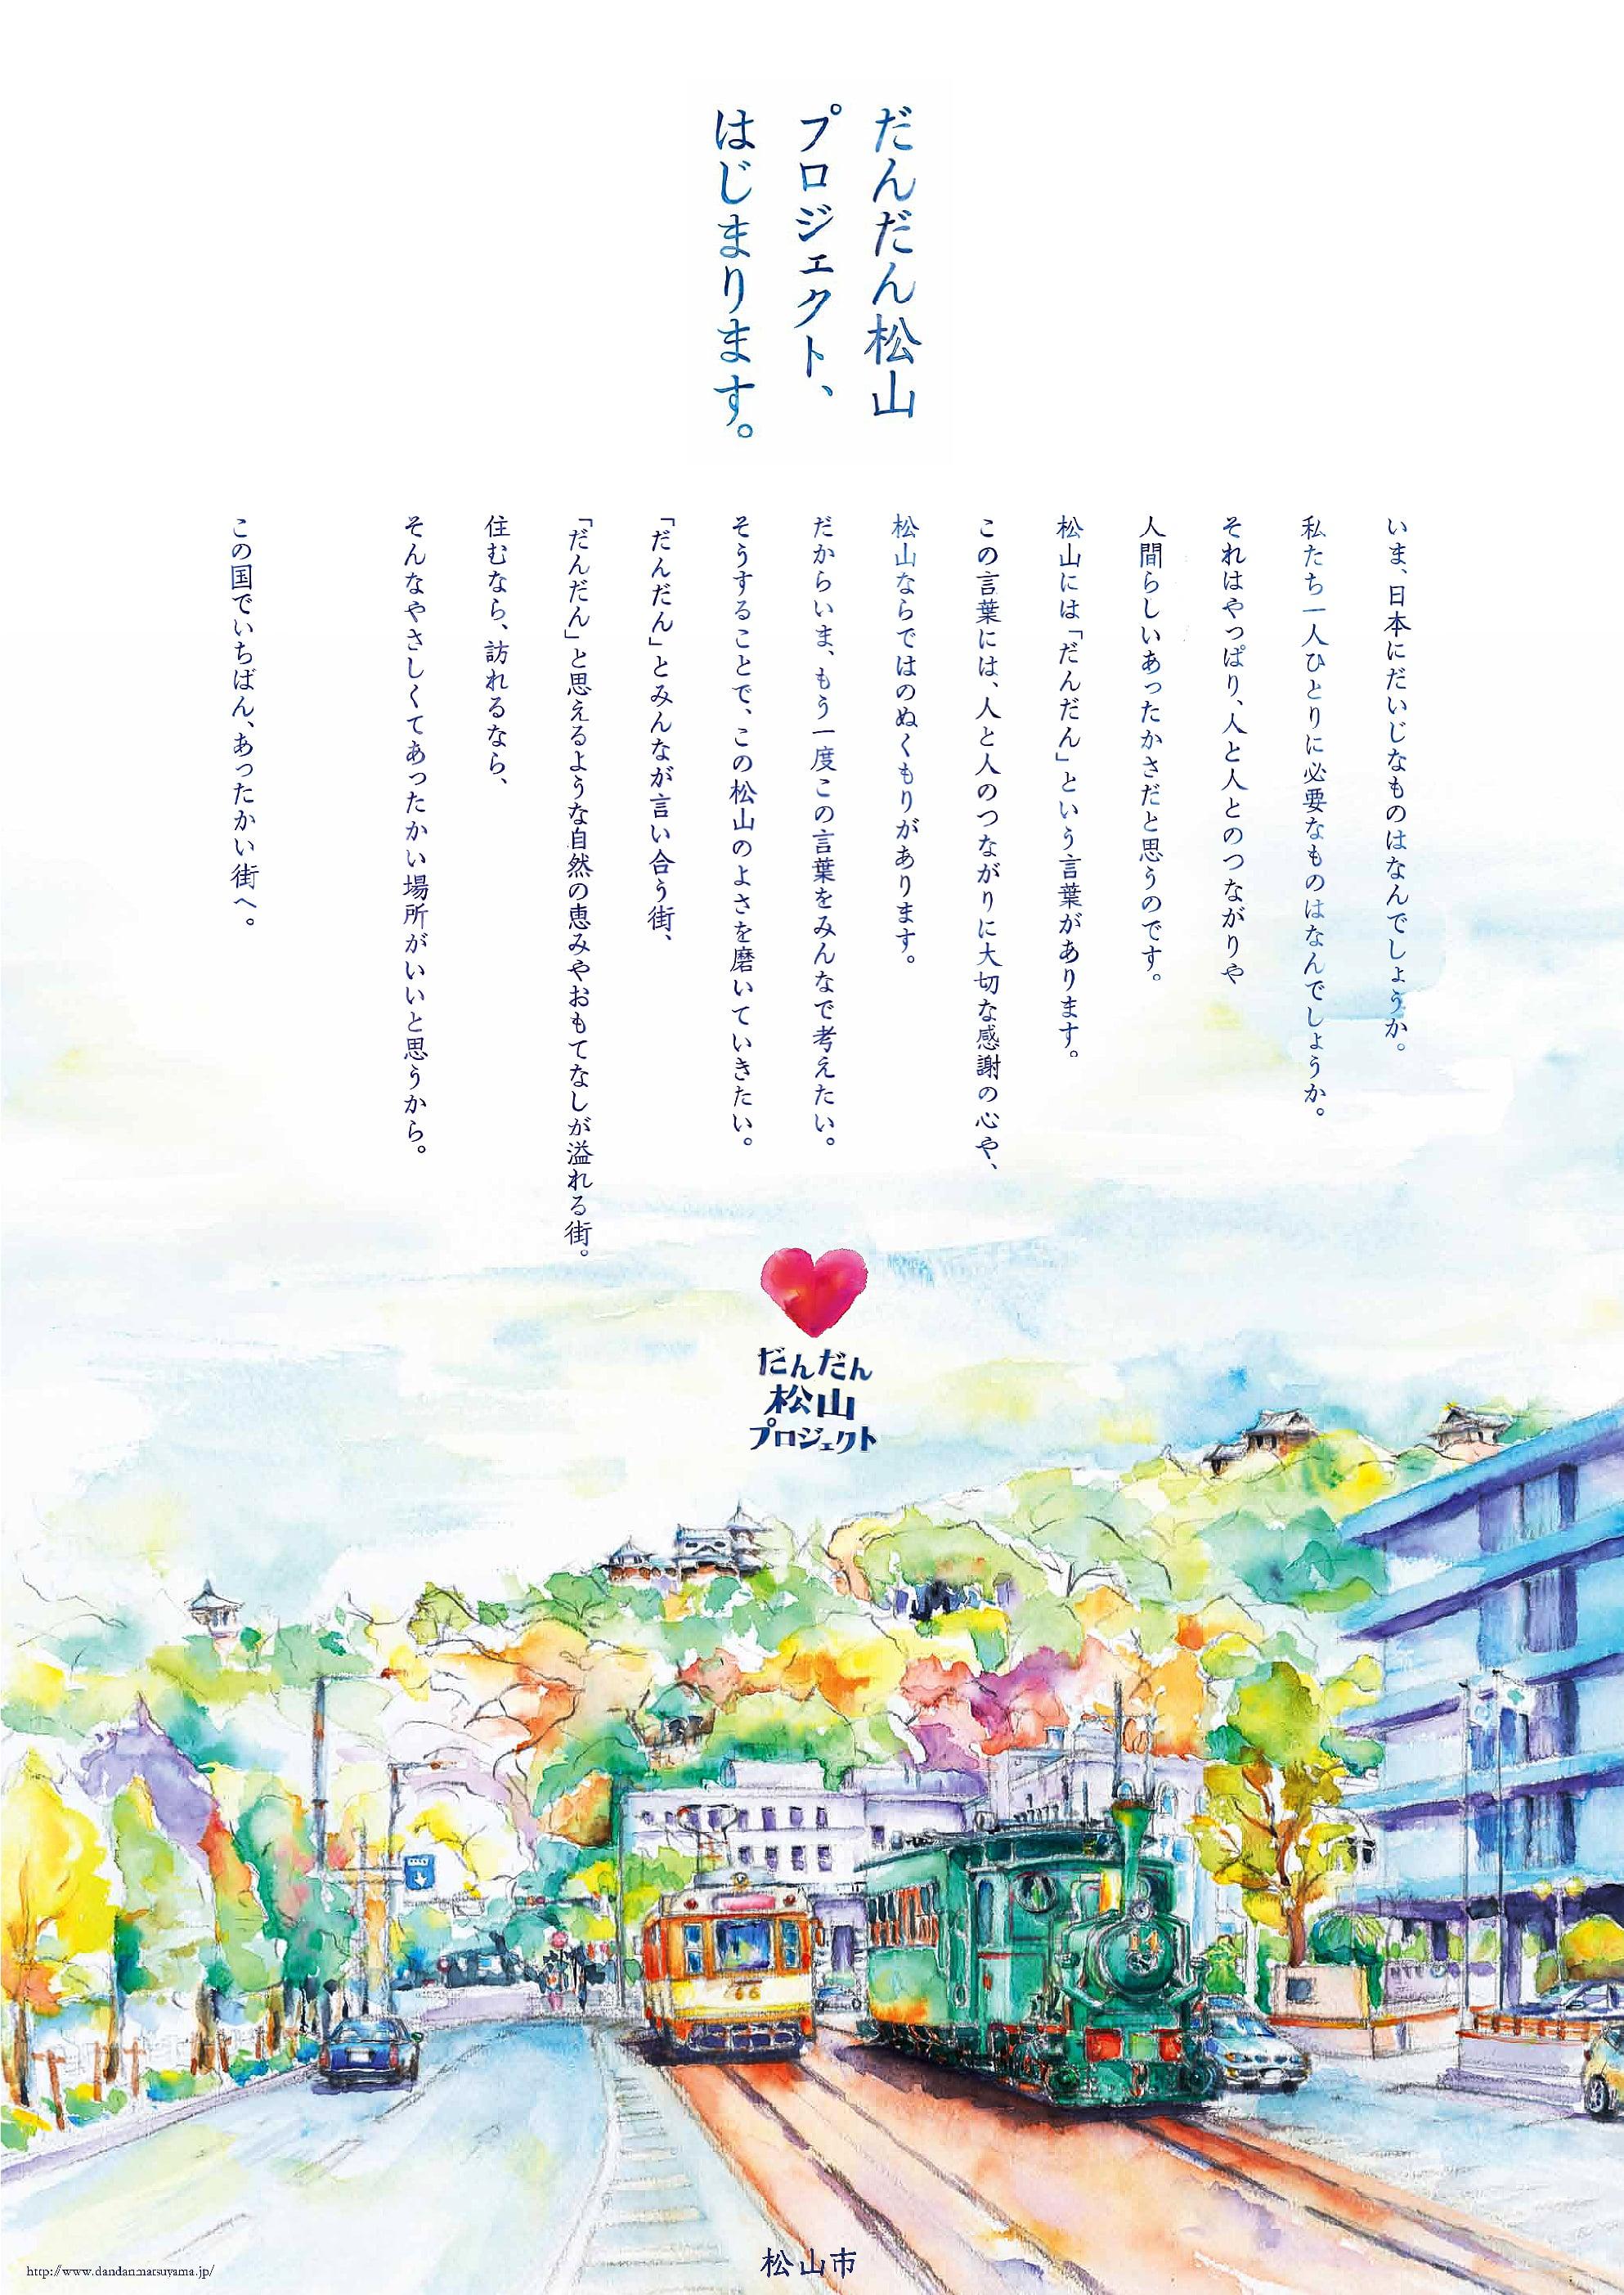 福島県松山プロジェクトのポスター